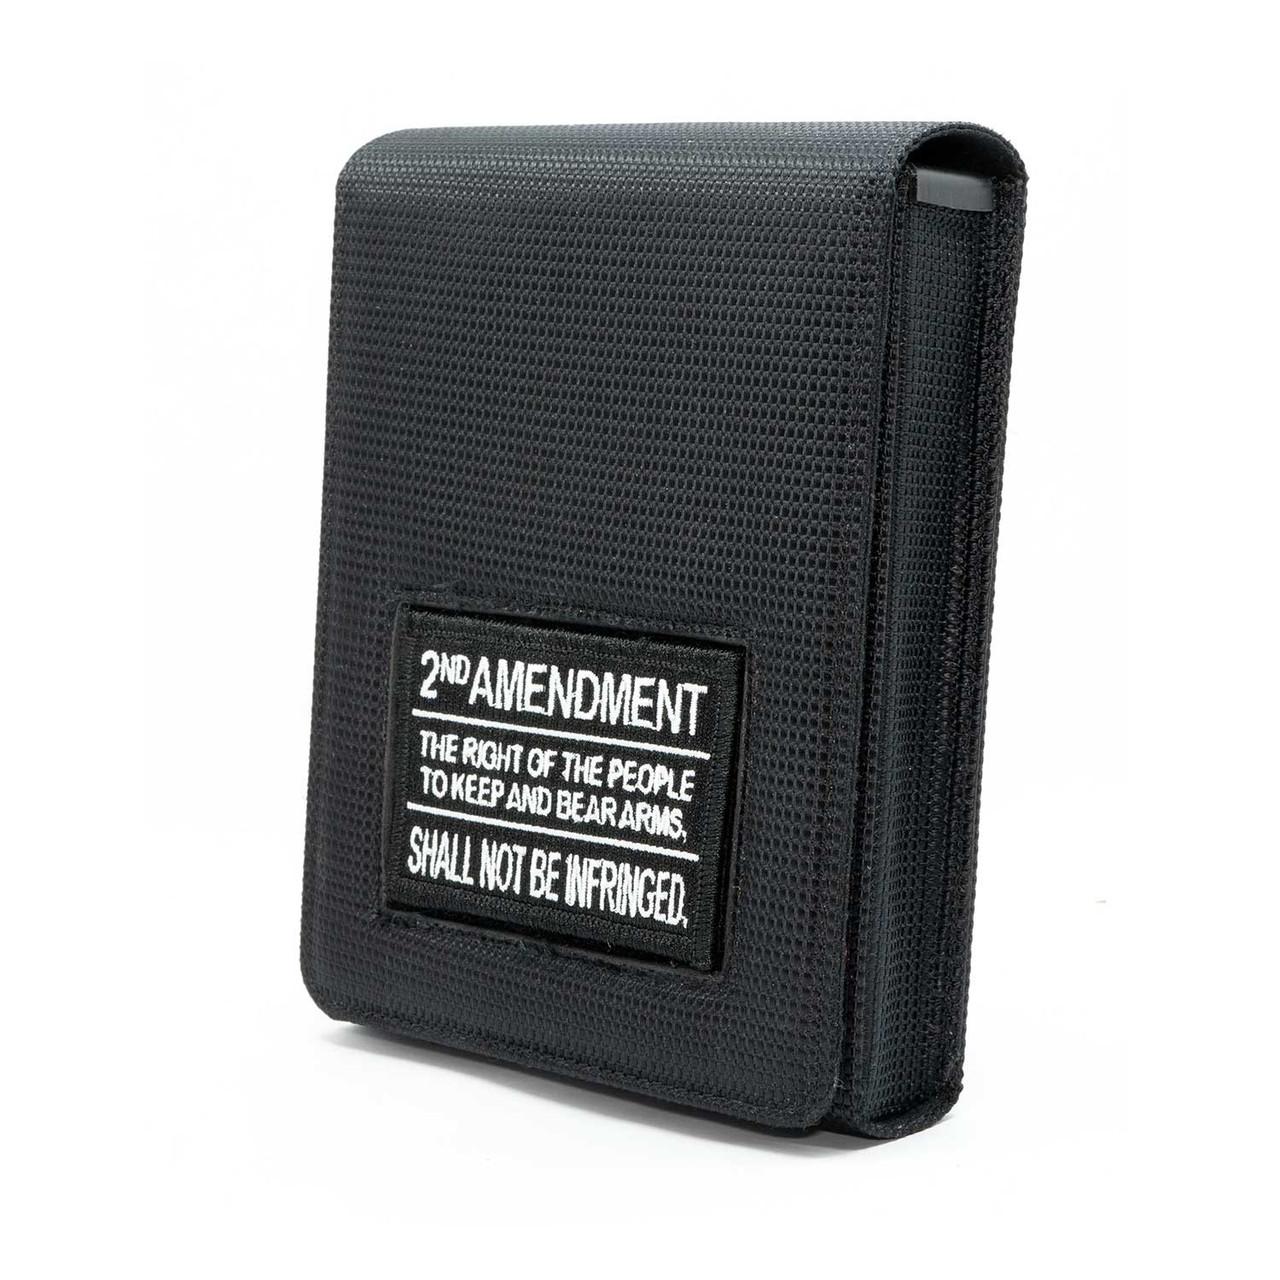 Second Amendment Tactical Patch